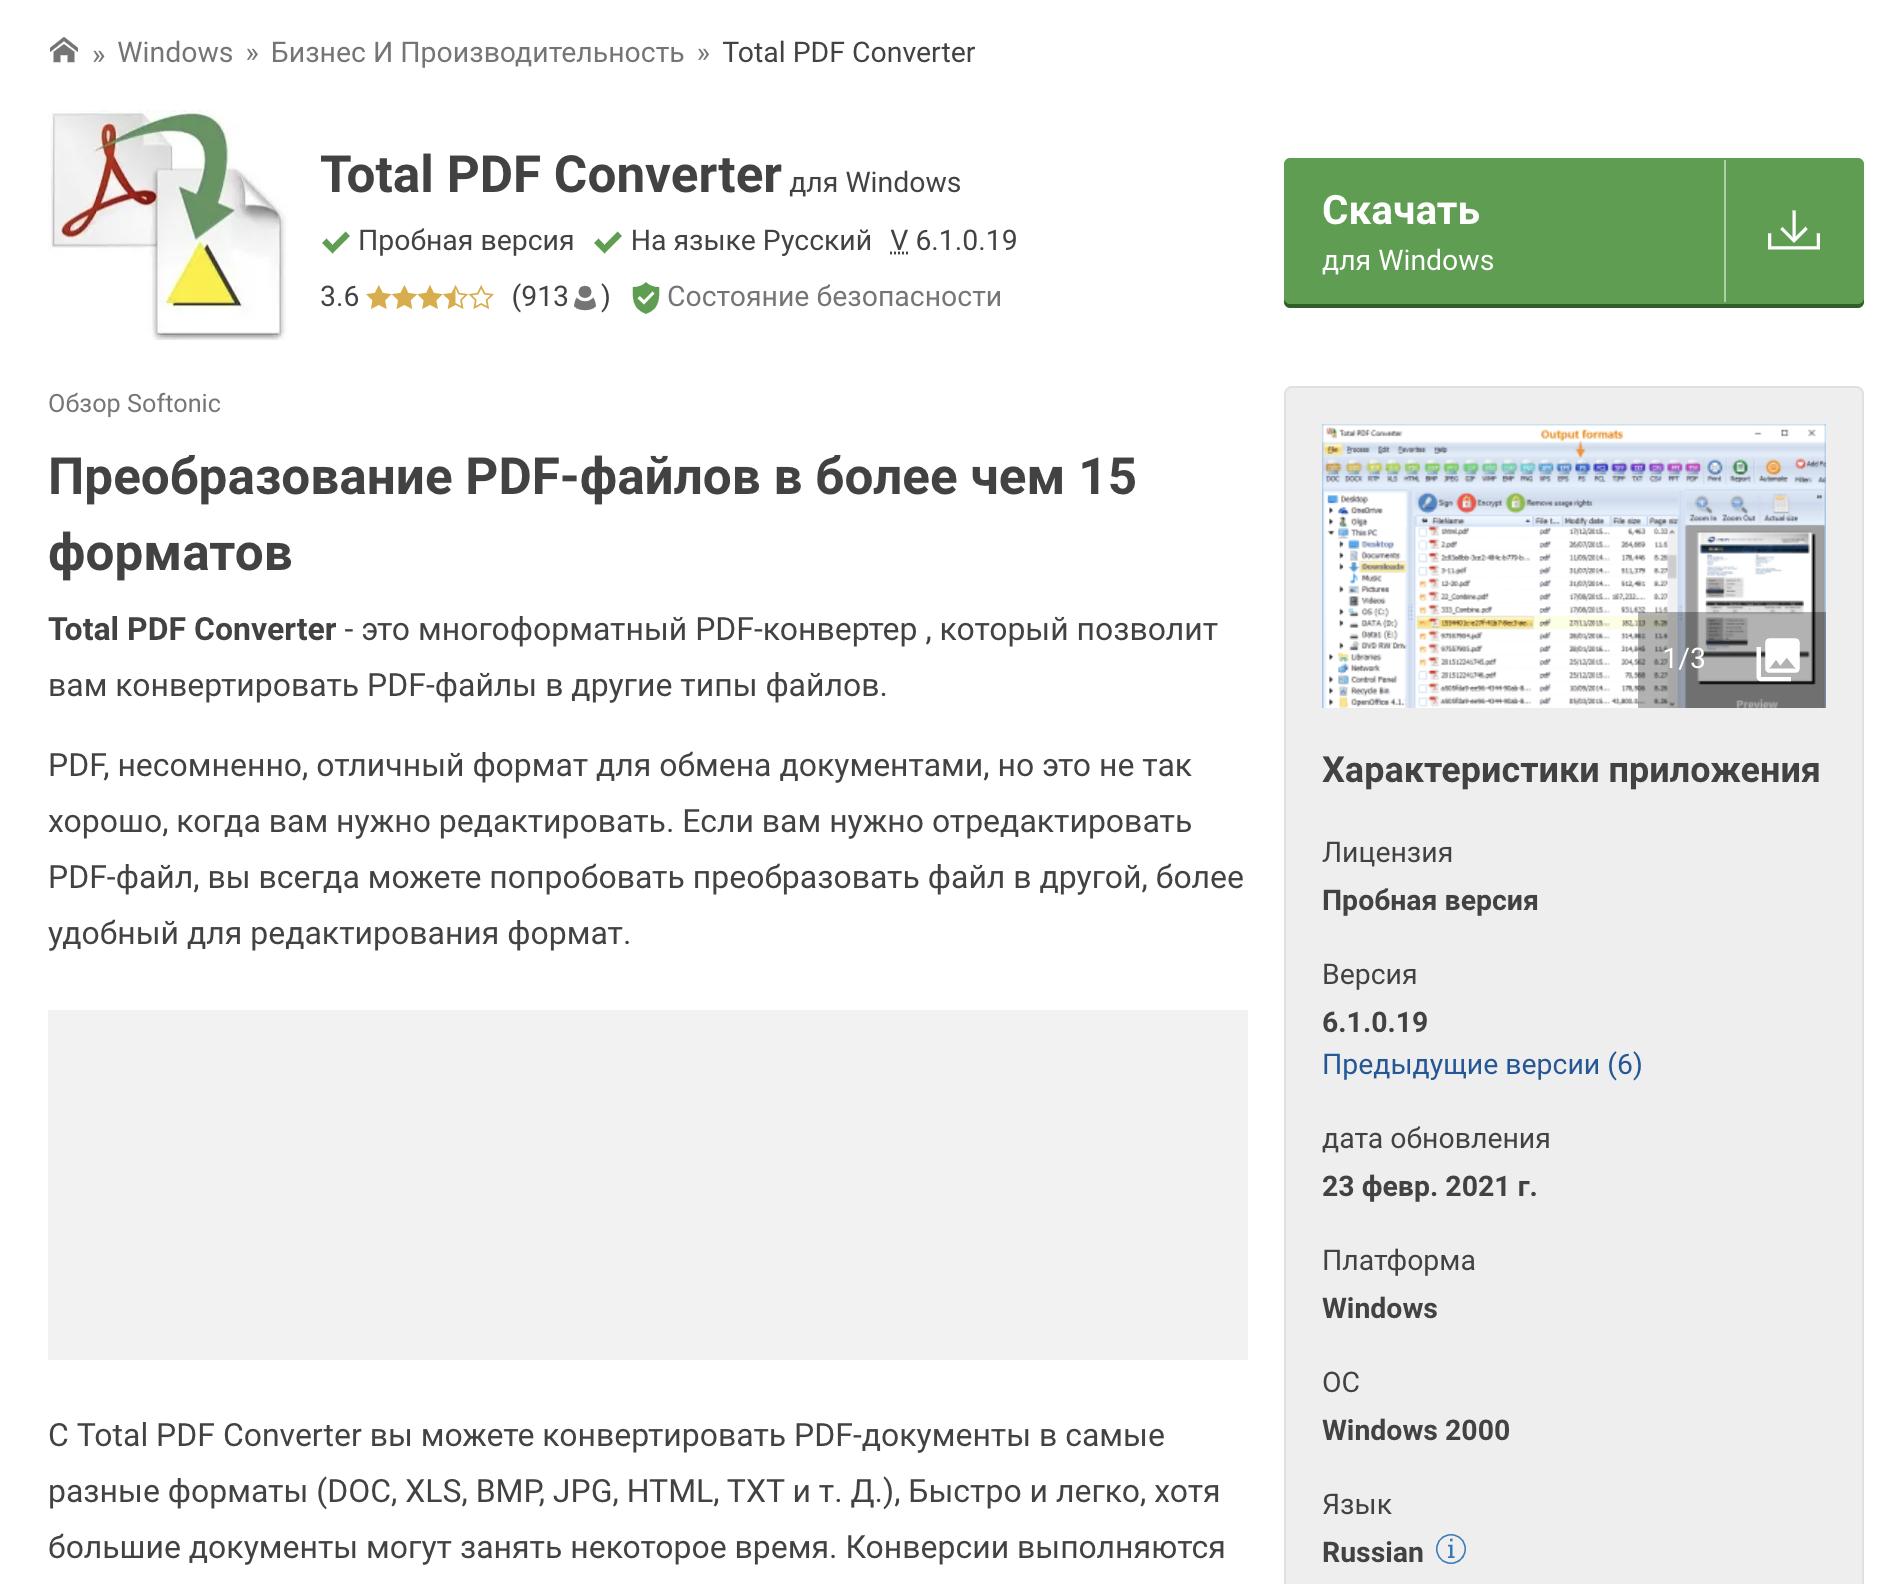 изменить (редактировать) pdf в эксель онлайн